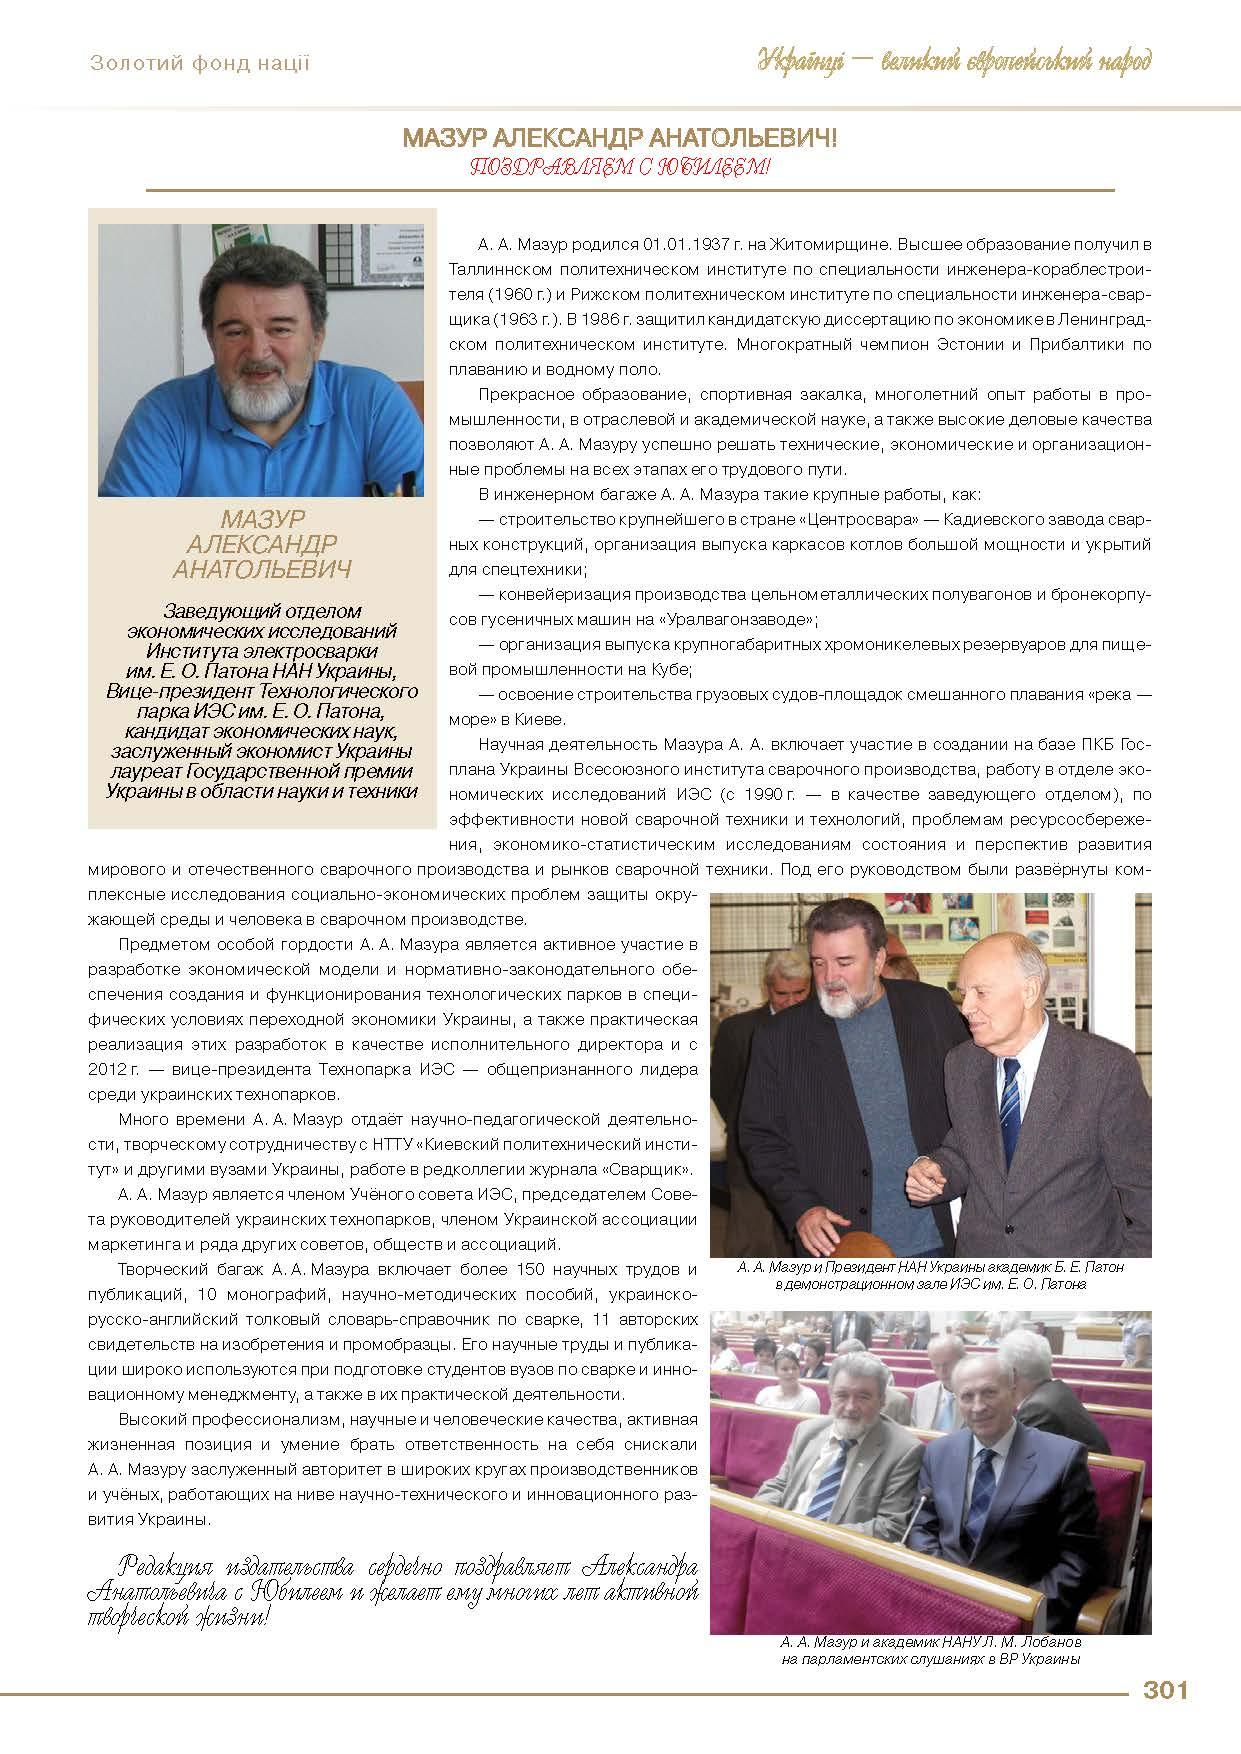 Мазур Александр Анатольевич